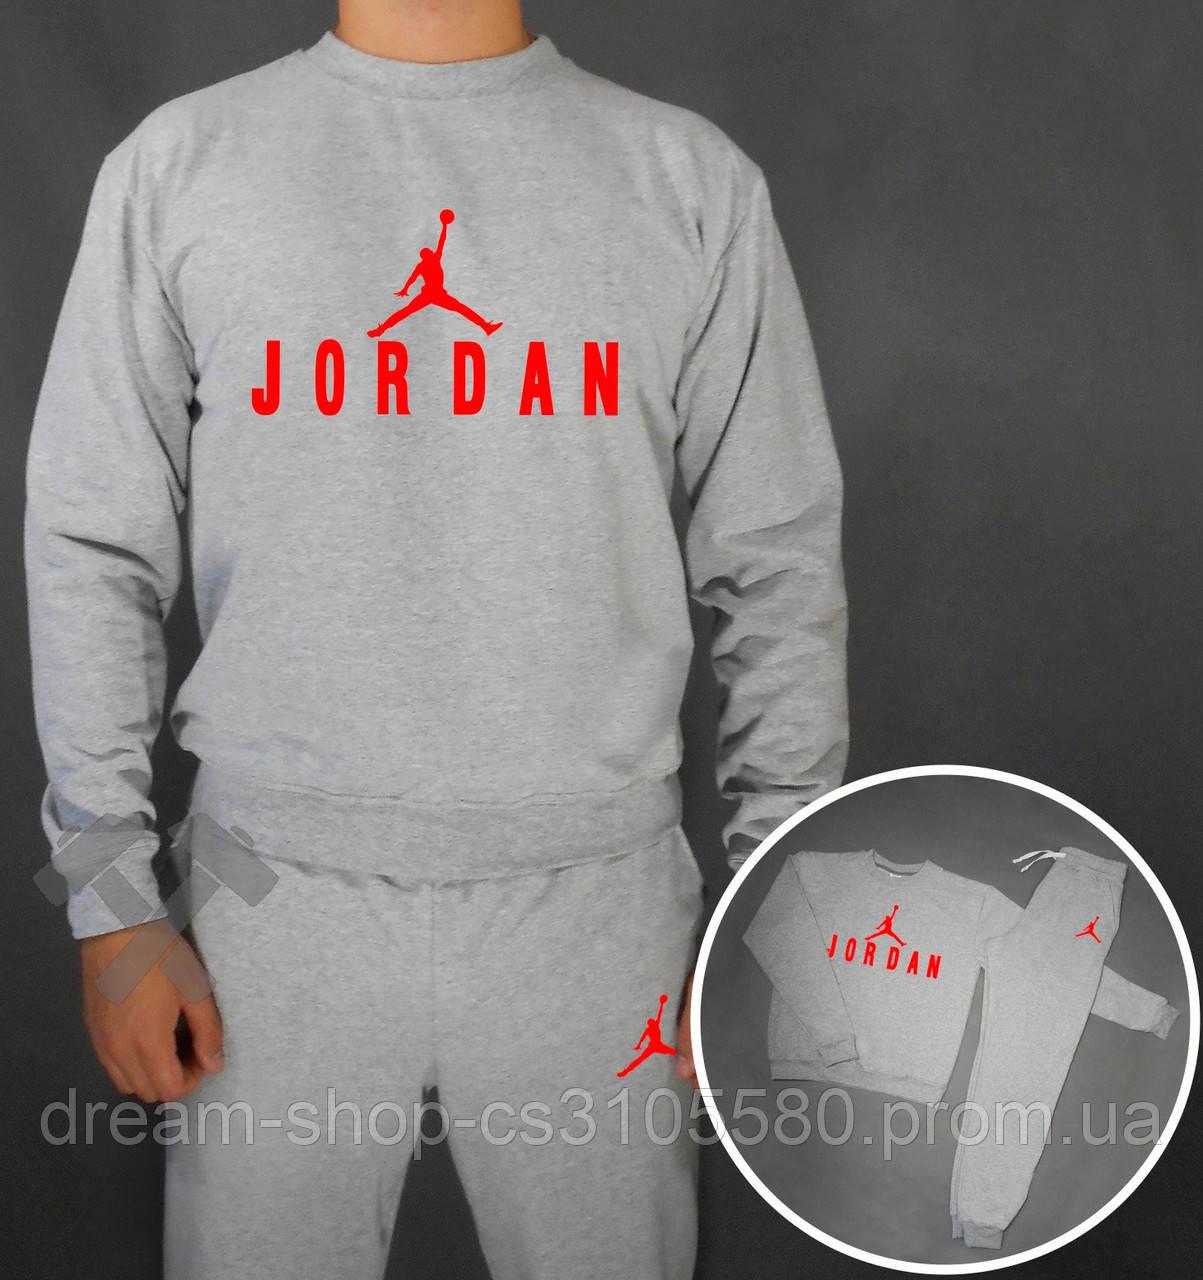 Чоловічий спортивний костюм Джордан, світшот і штани